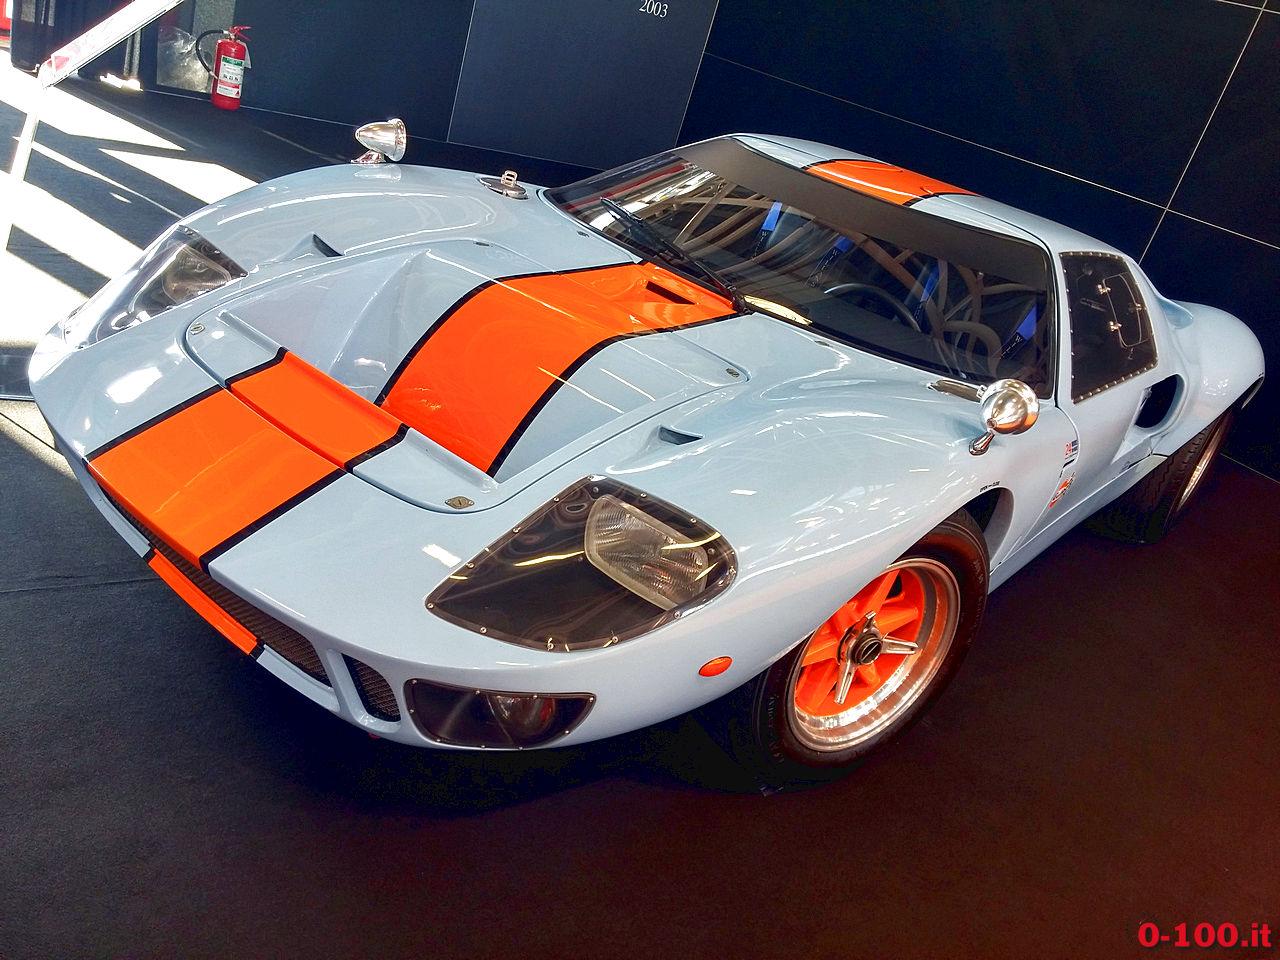 bologna-motor-show-2016_ford-gt40-0-100_44